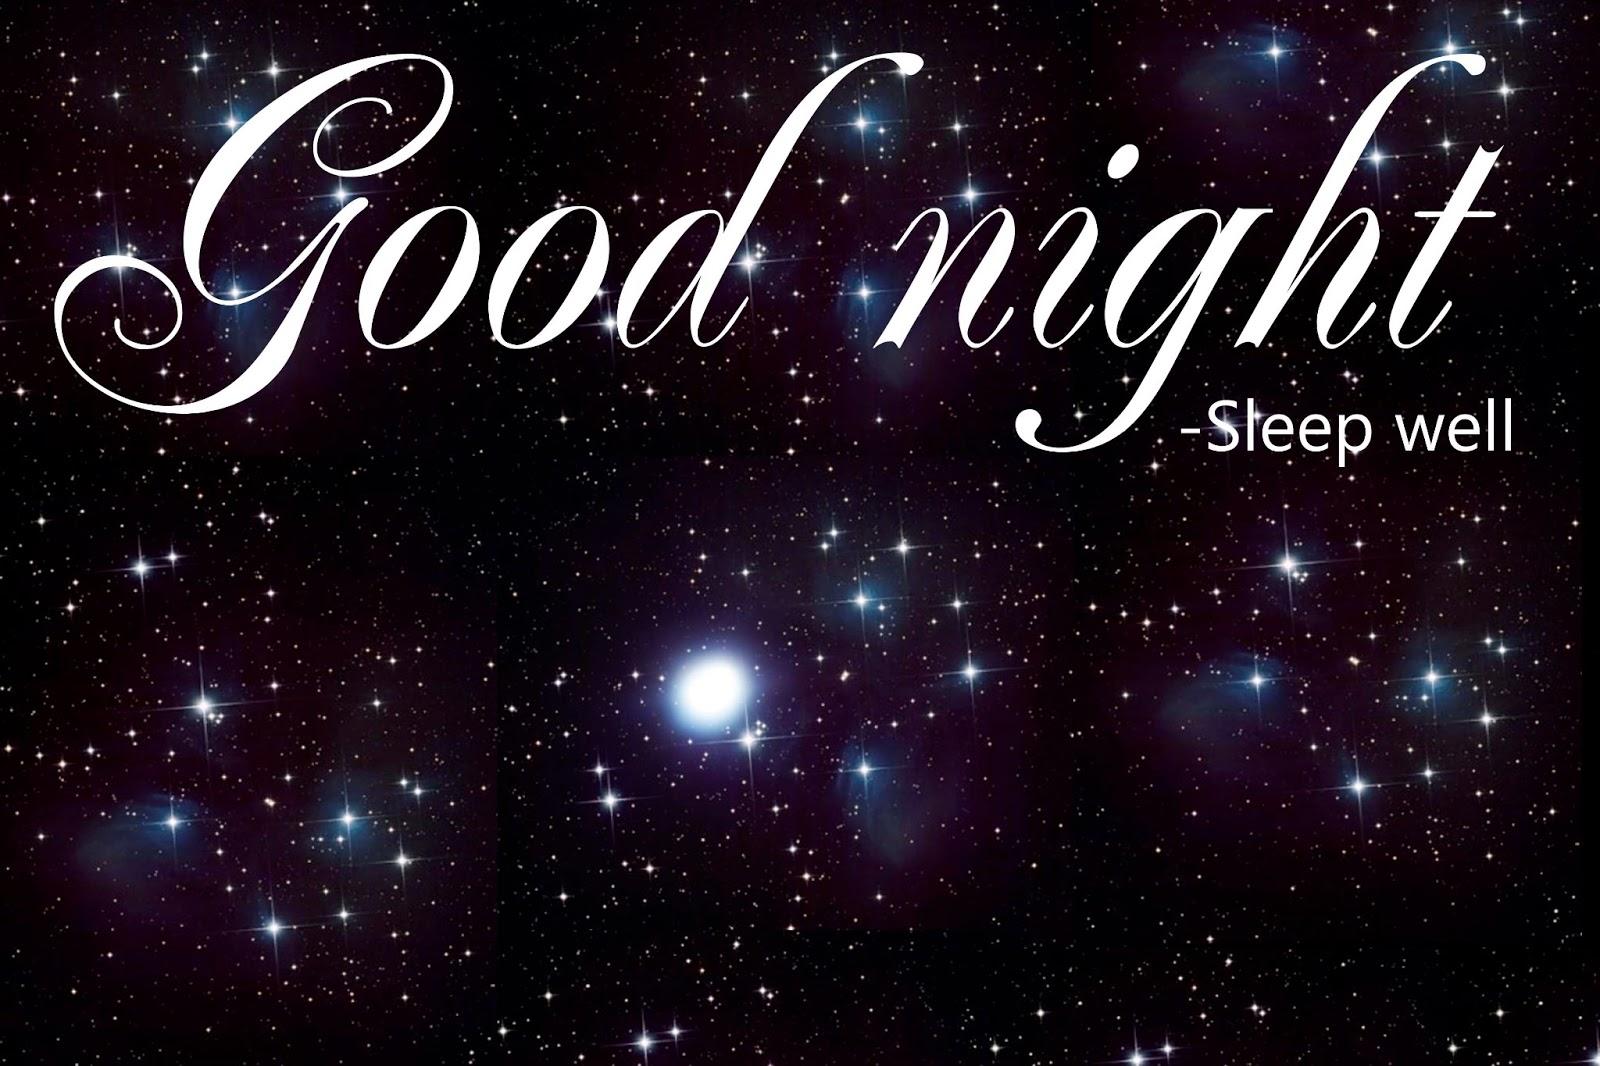 Анимационные открытки, открытки для мужчины спокойной ночи на английском языке